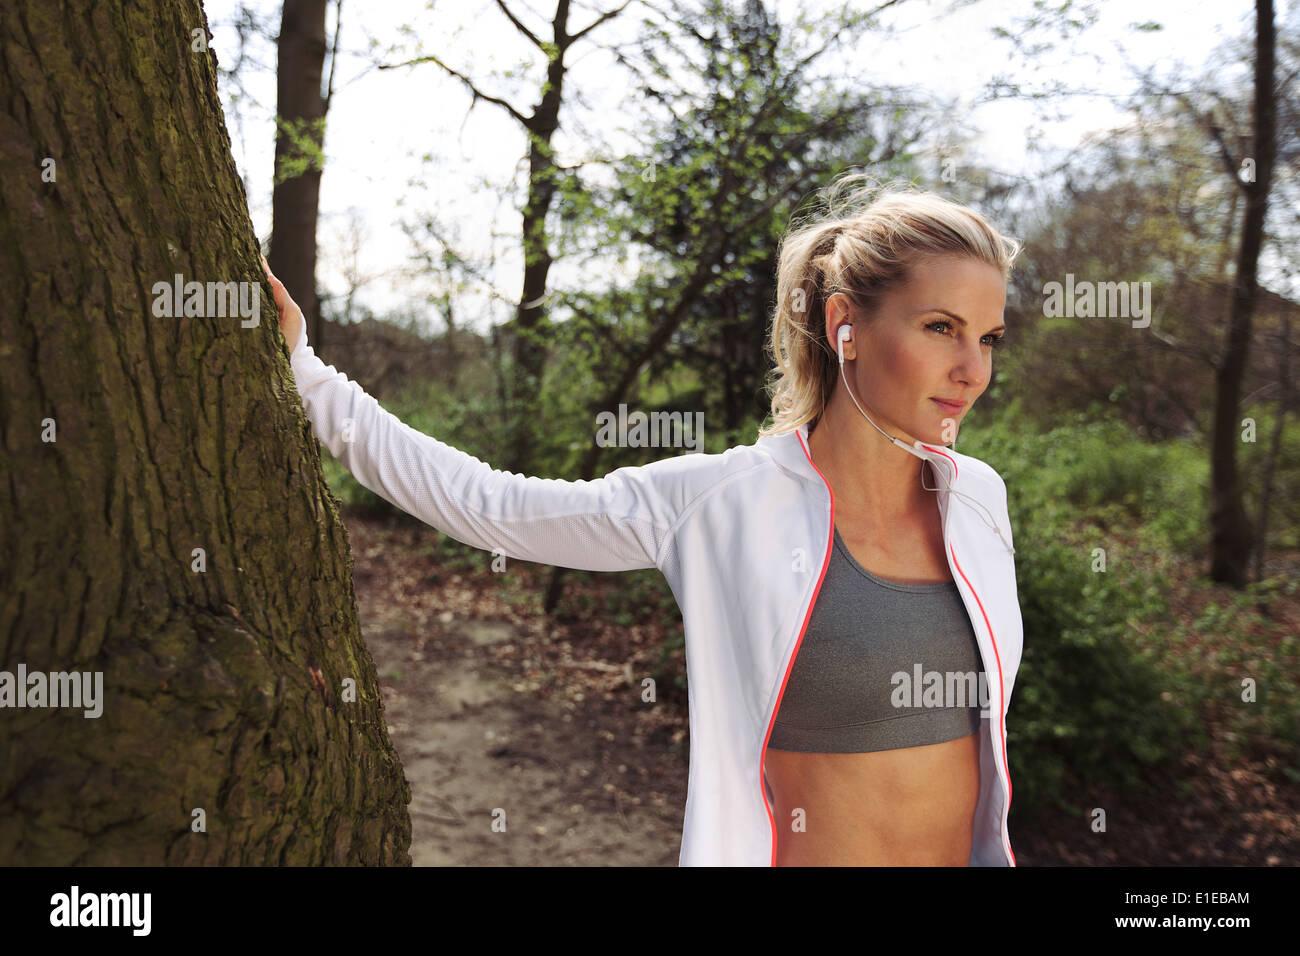 Colocar mujeres tomando un descanso después de correr sobre la pista forestal. Bastante joven usando audífonos listado a música y mirar lejos Imagen De Stock